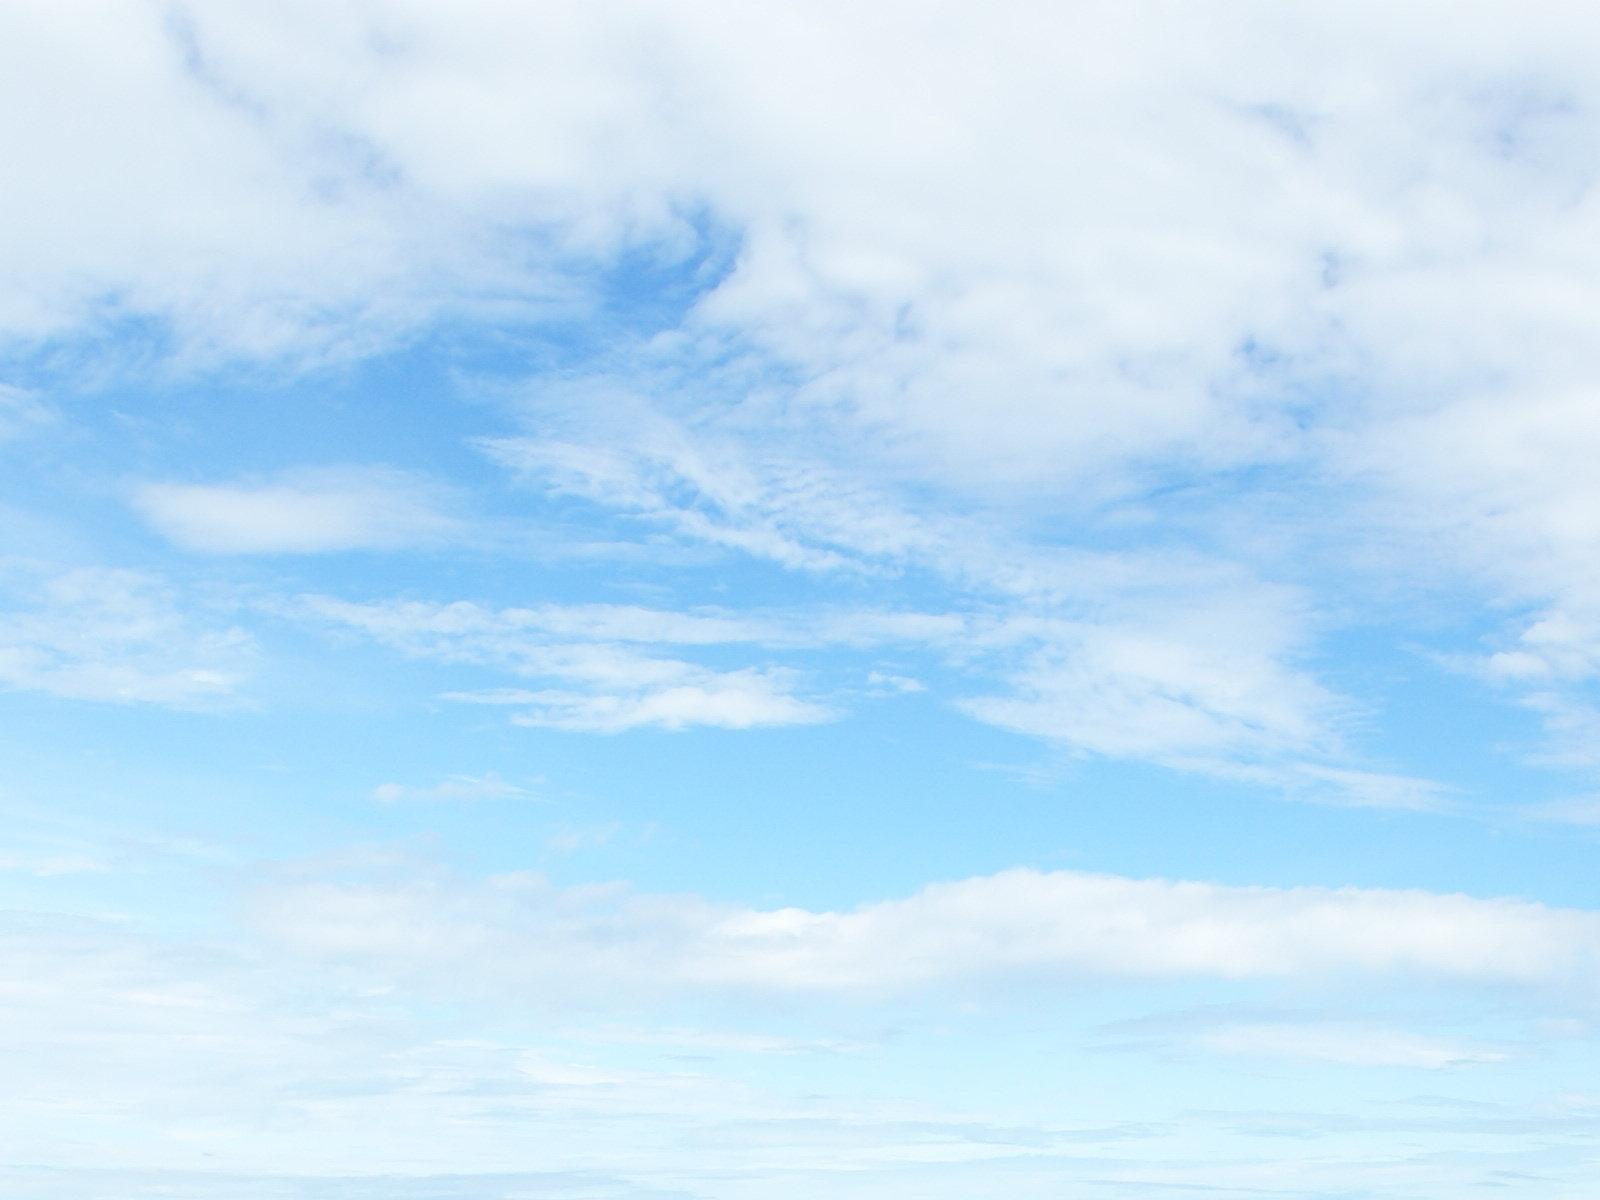 перистые облака, скачать фото, обои для рабочего стола, небо